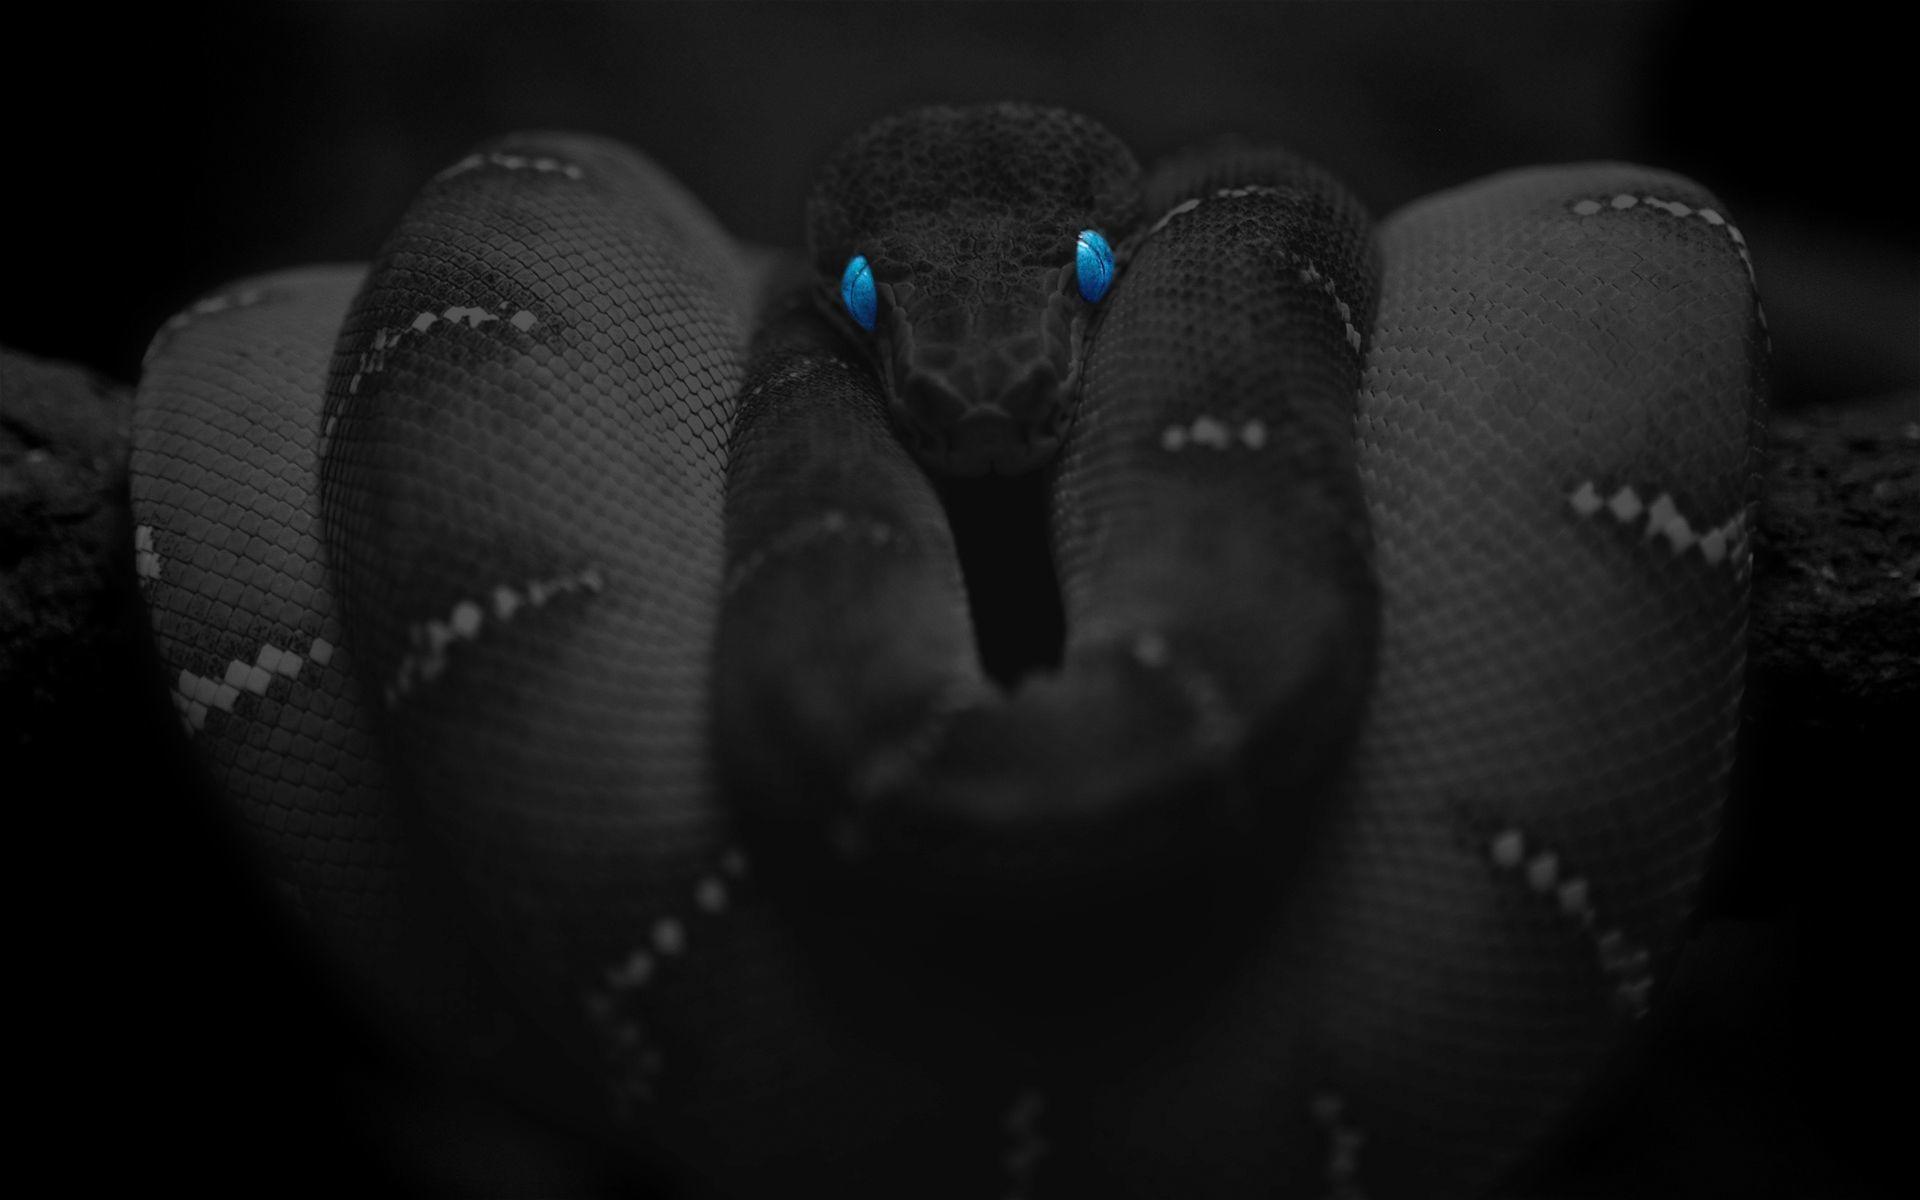 Black-Snake-Blue-Eyes-Wallpaper.jpg